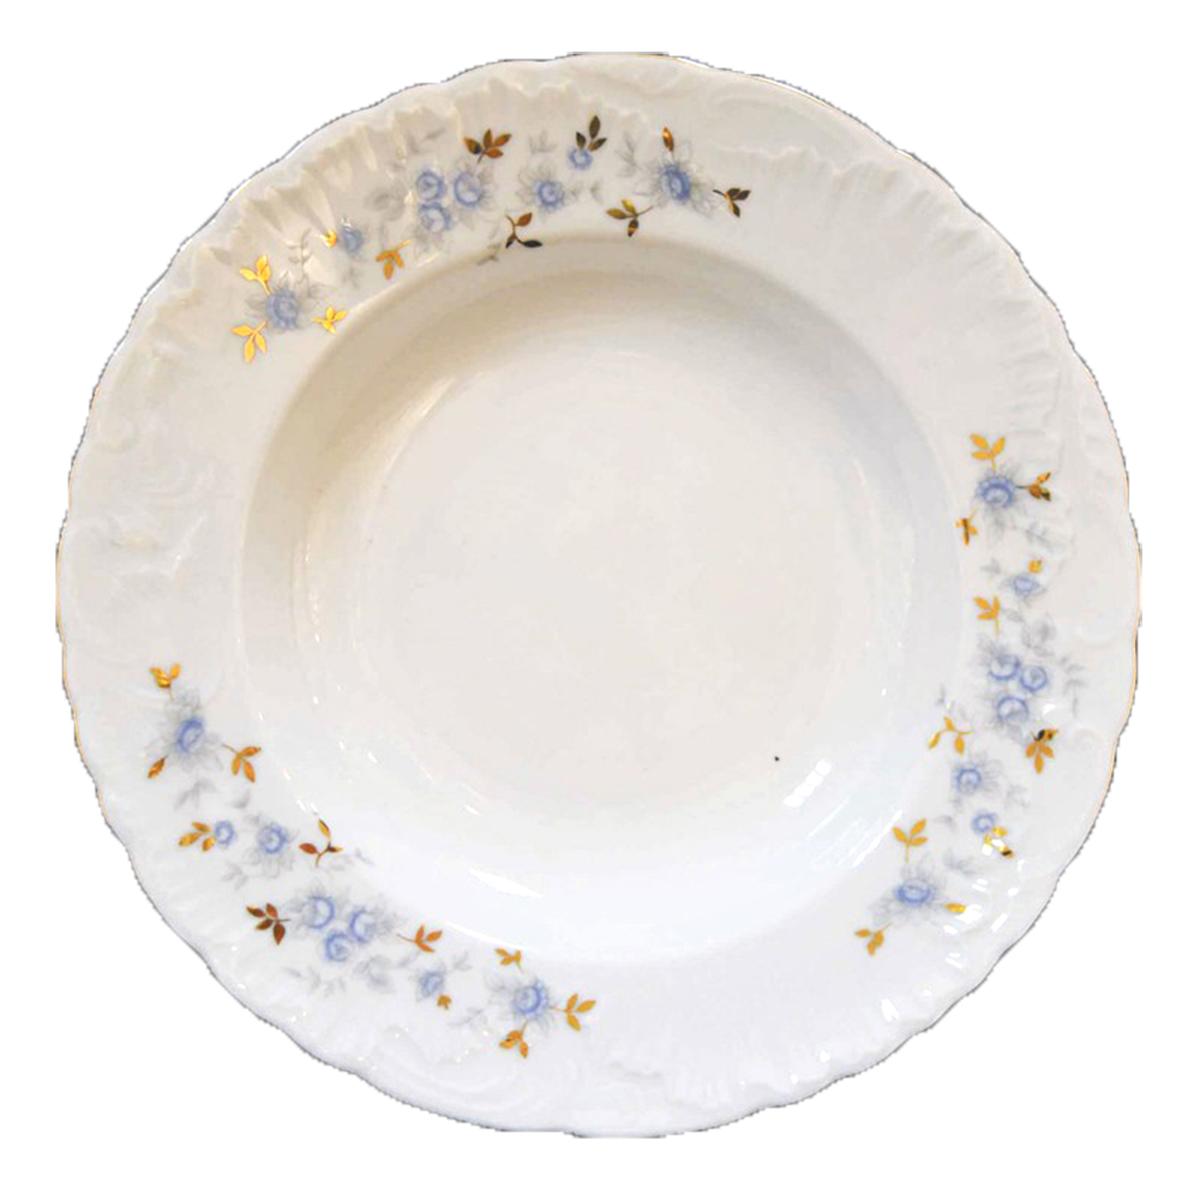 Фото - Тарелка глубокая Cmielow Rococo. Голубой цветок, диаметр 22,5 см тарелка десертная cmielow rococo диаметр 17 см